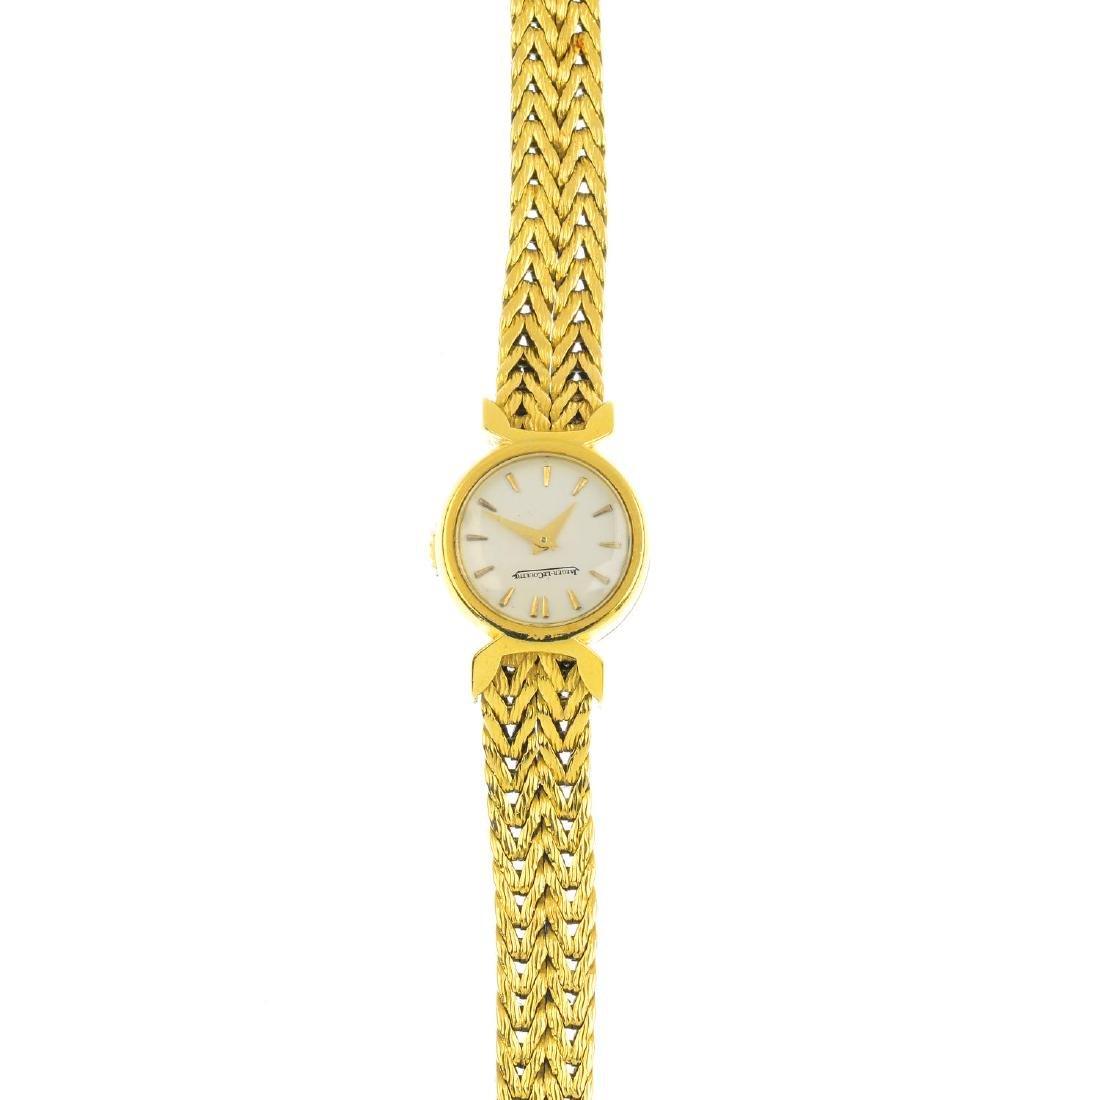 JAEGER-LECOULTRE  - a lady's bracelet watch. The